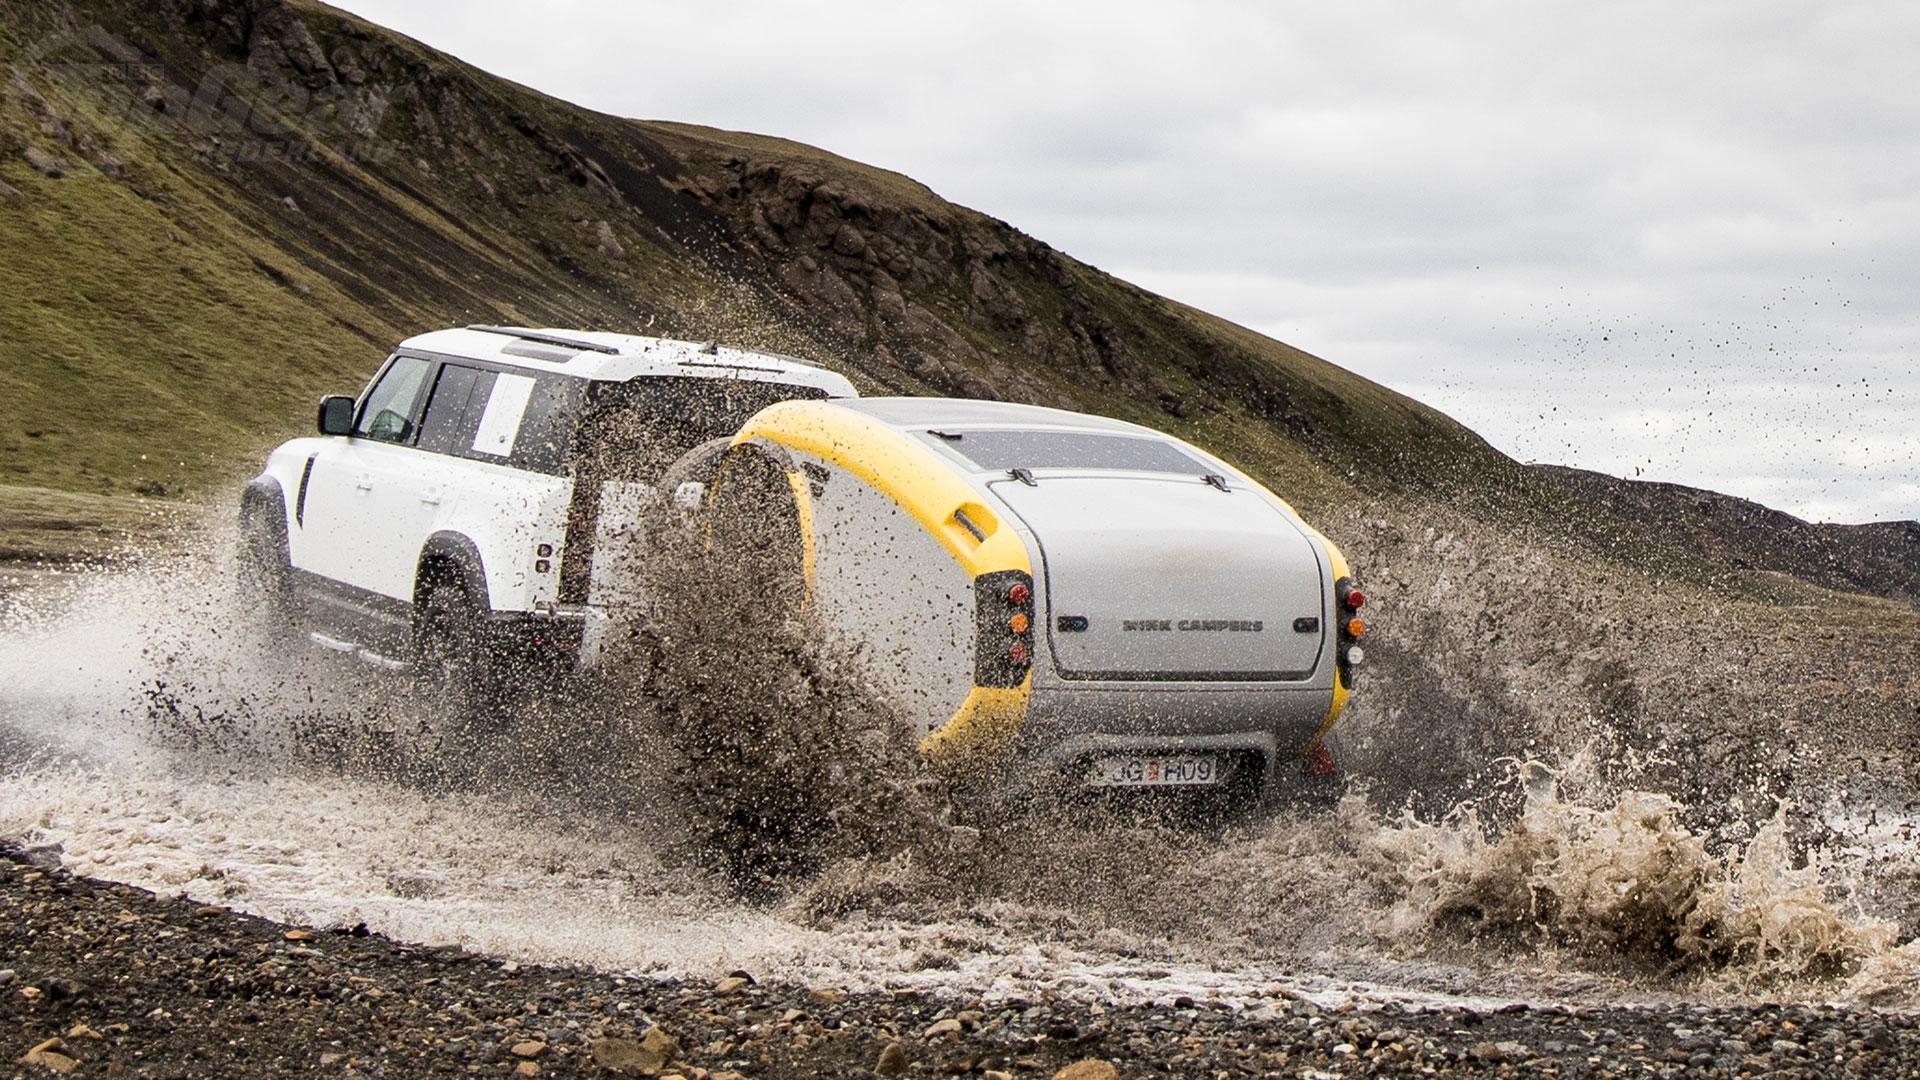 Mink minicaravan met Defender door de modder